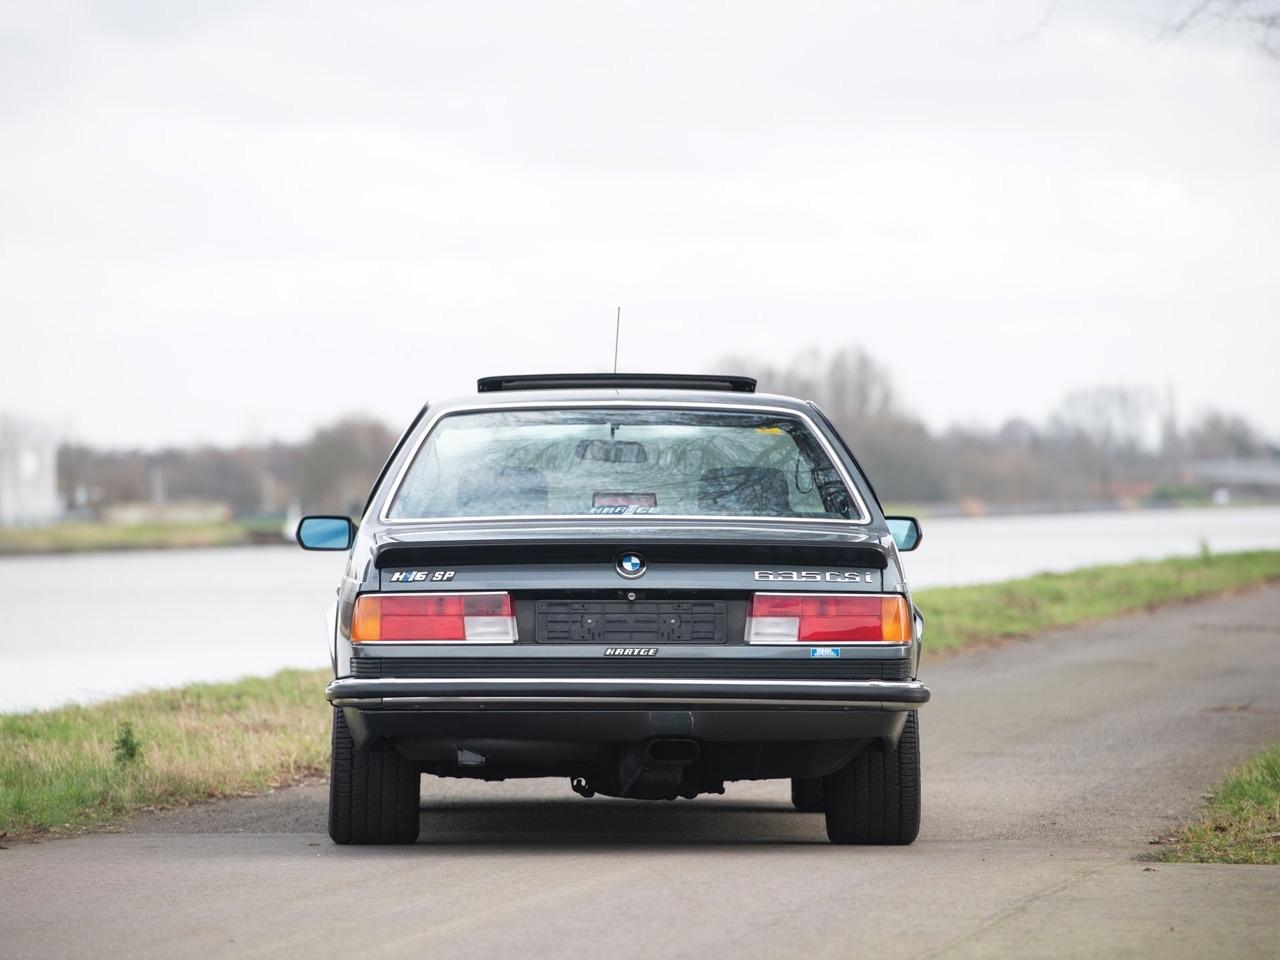 De BMW 635 Csi à Hartge H6 SP 8